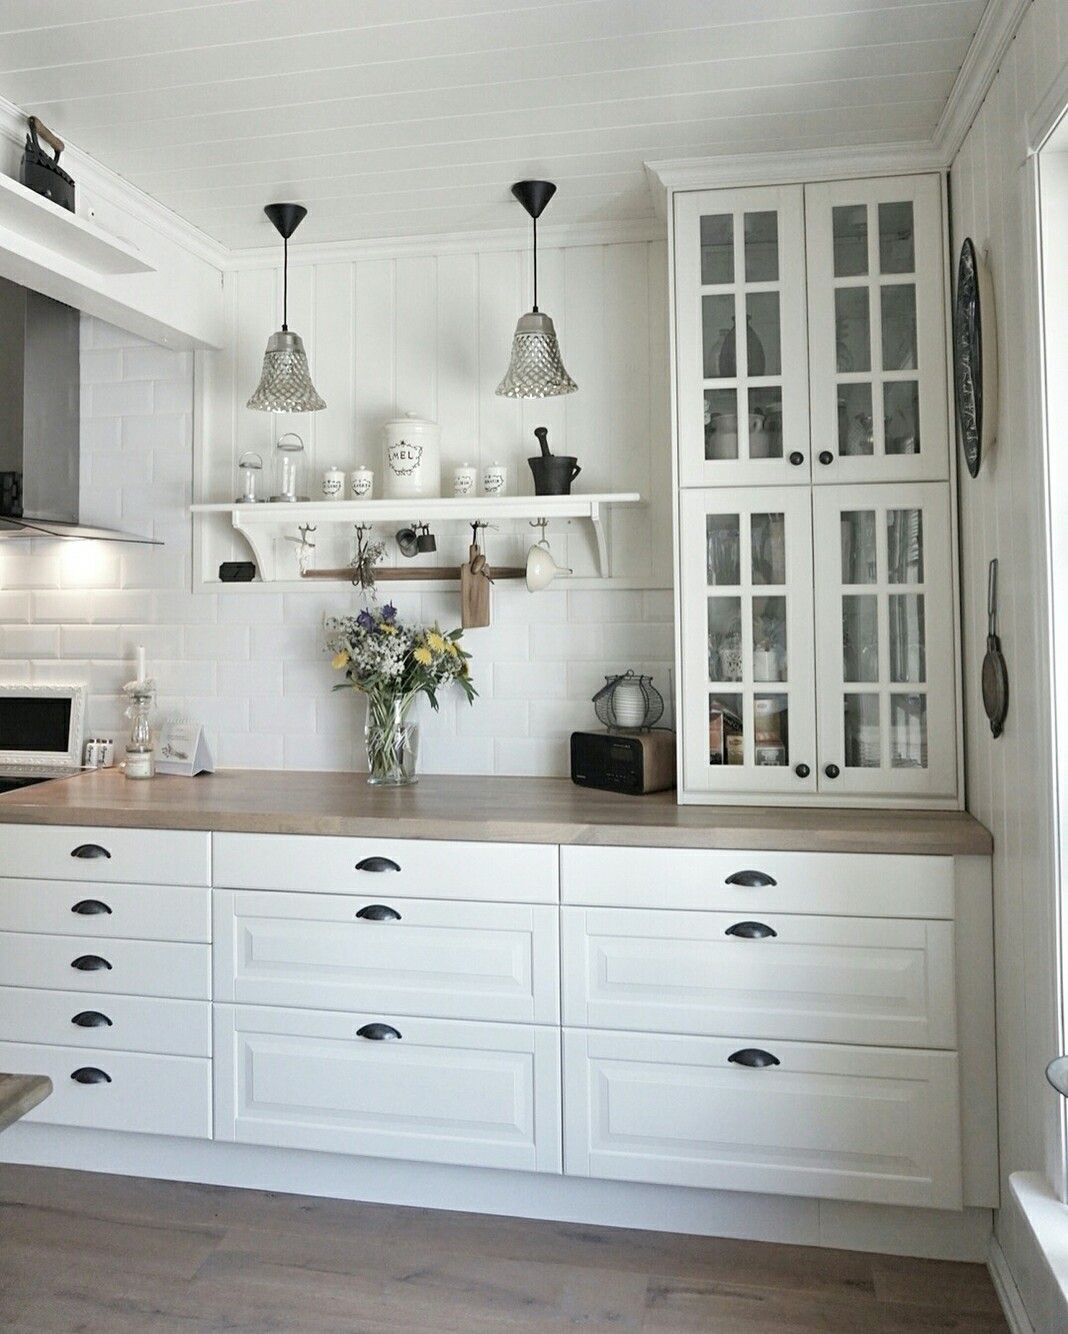 Pin von Astrid Joachim auf Küche in 2018 | Pinterest | Ikea küche ...